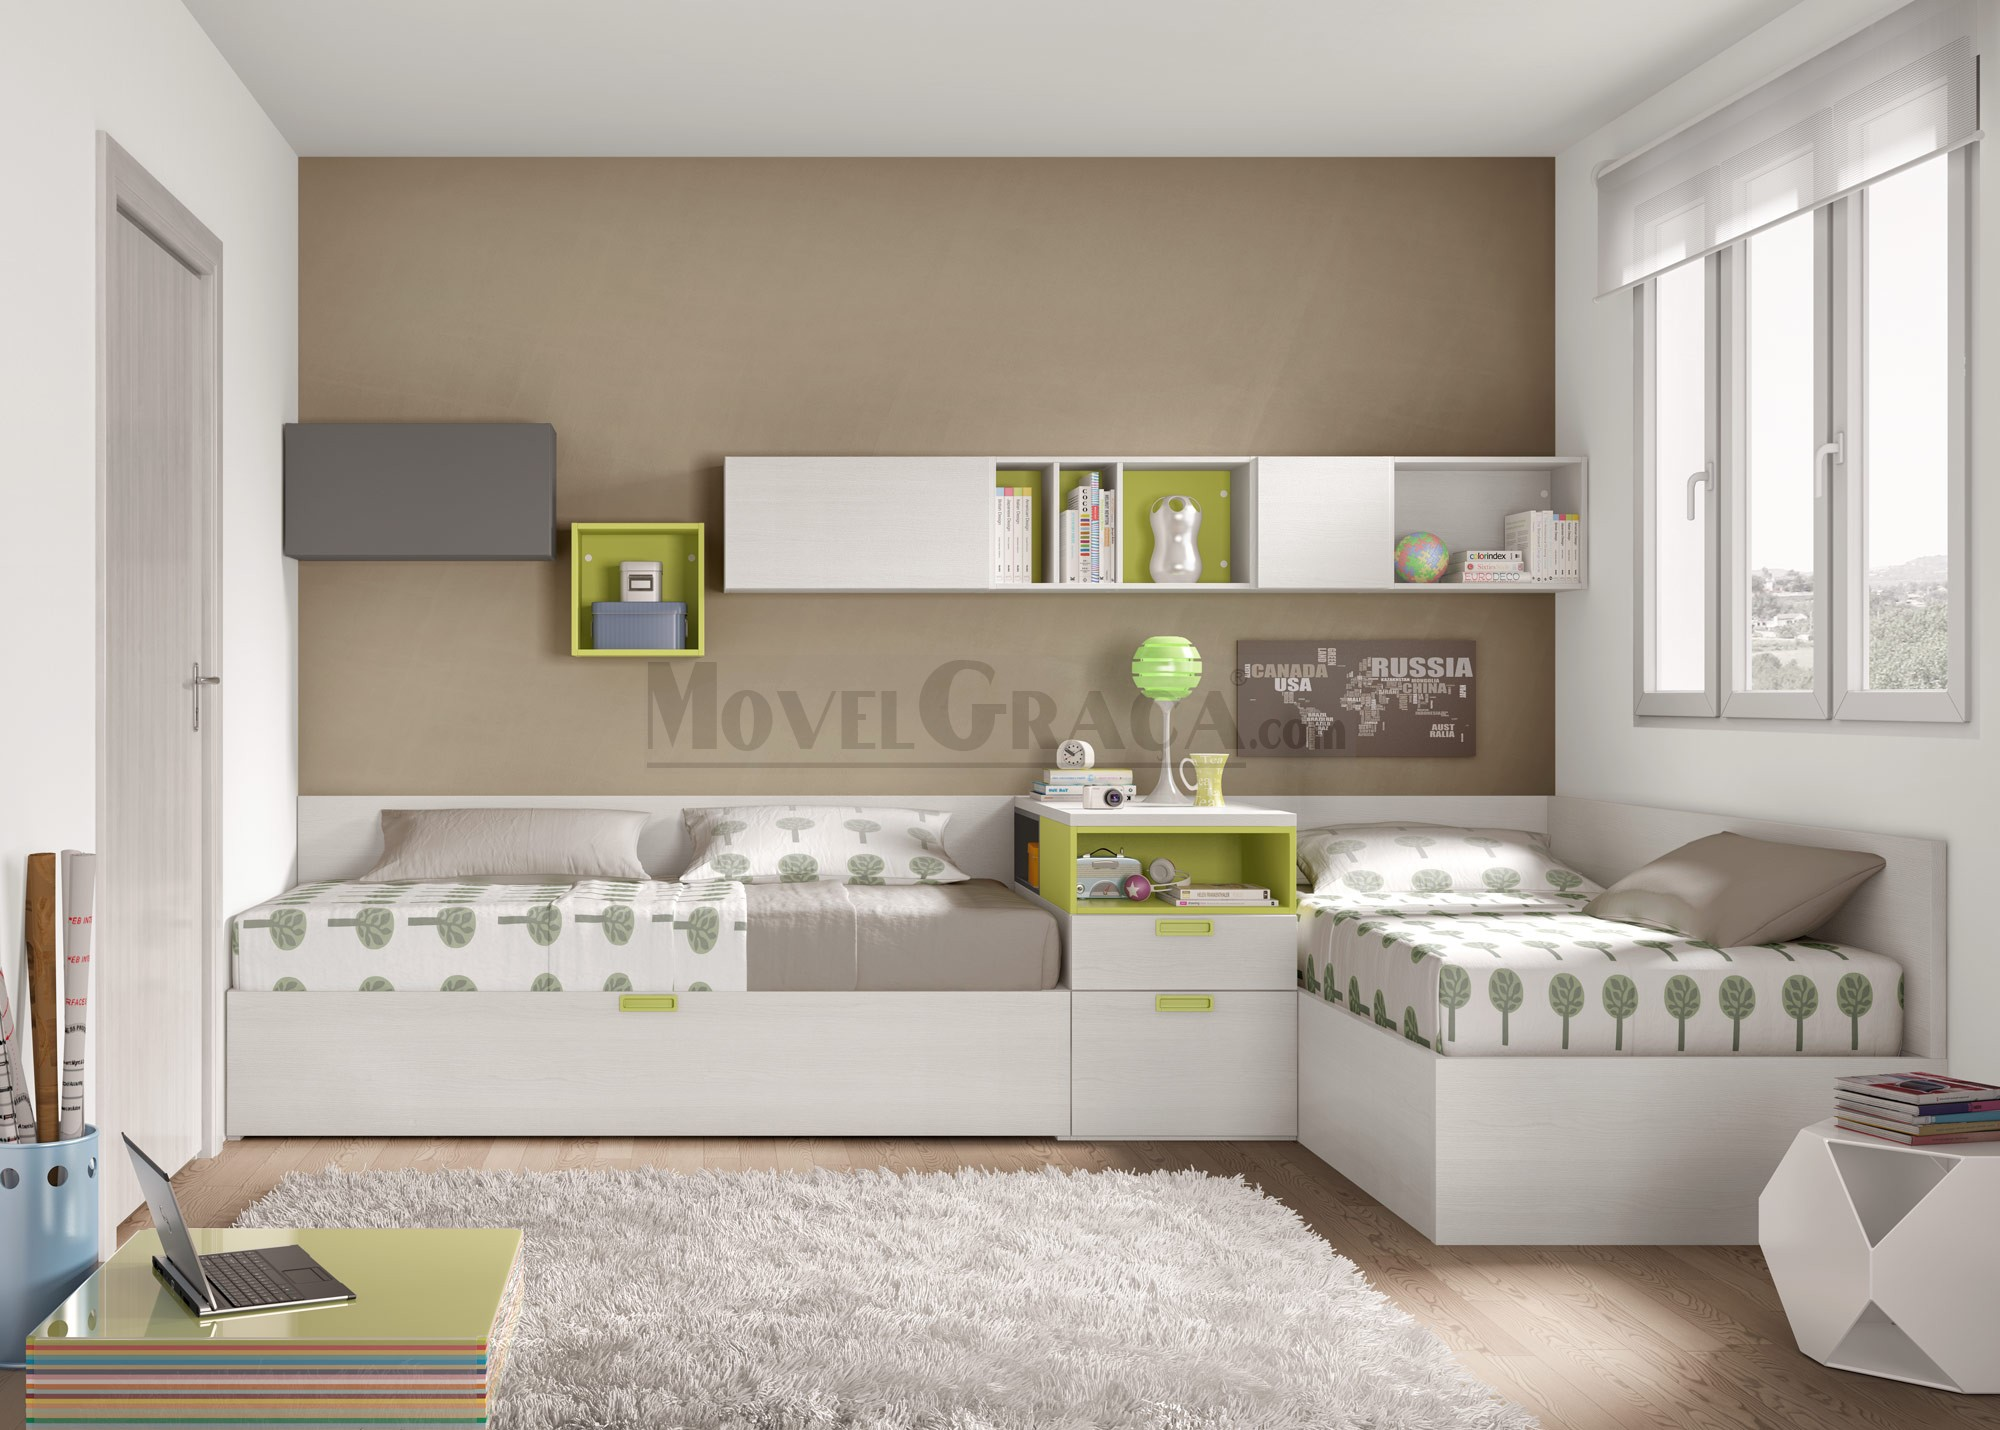 Movelgra a mobili rio e decora o barcelos quartos - Vinilos conforama ...